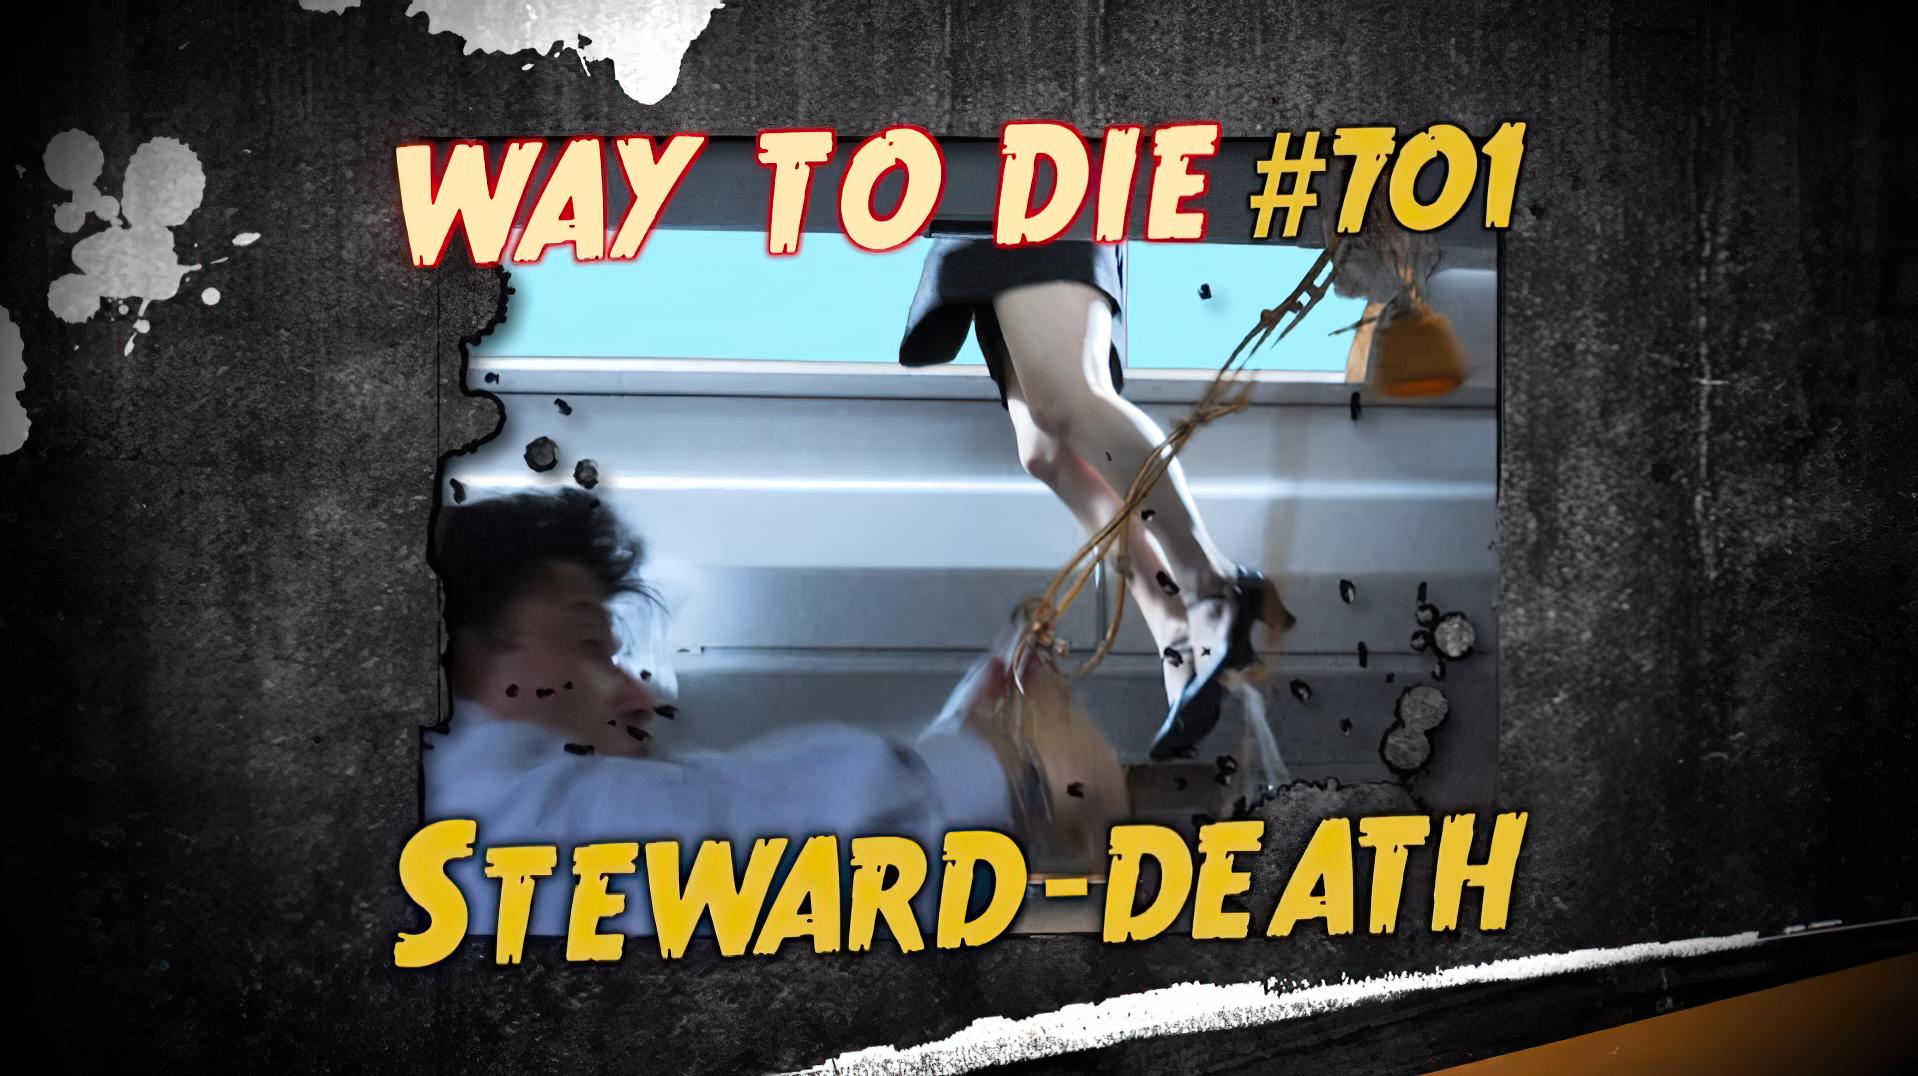 Steward-death